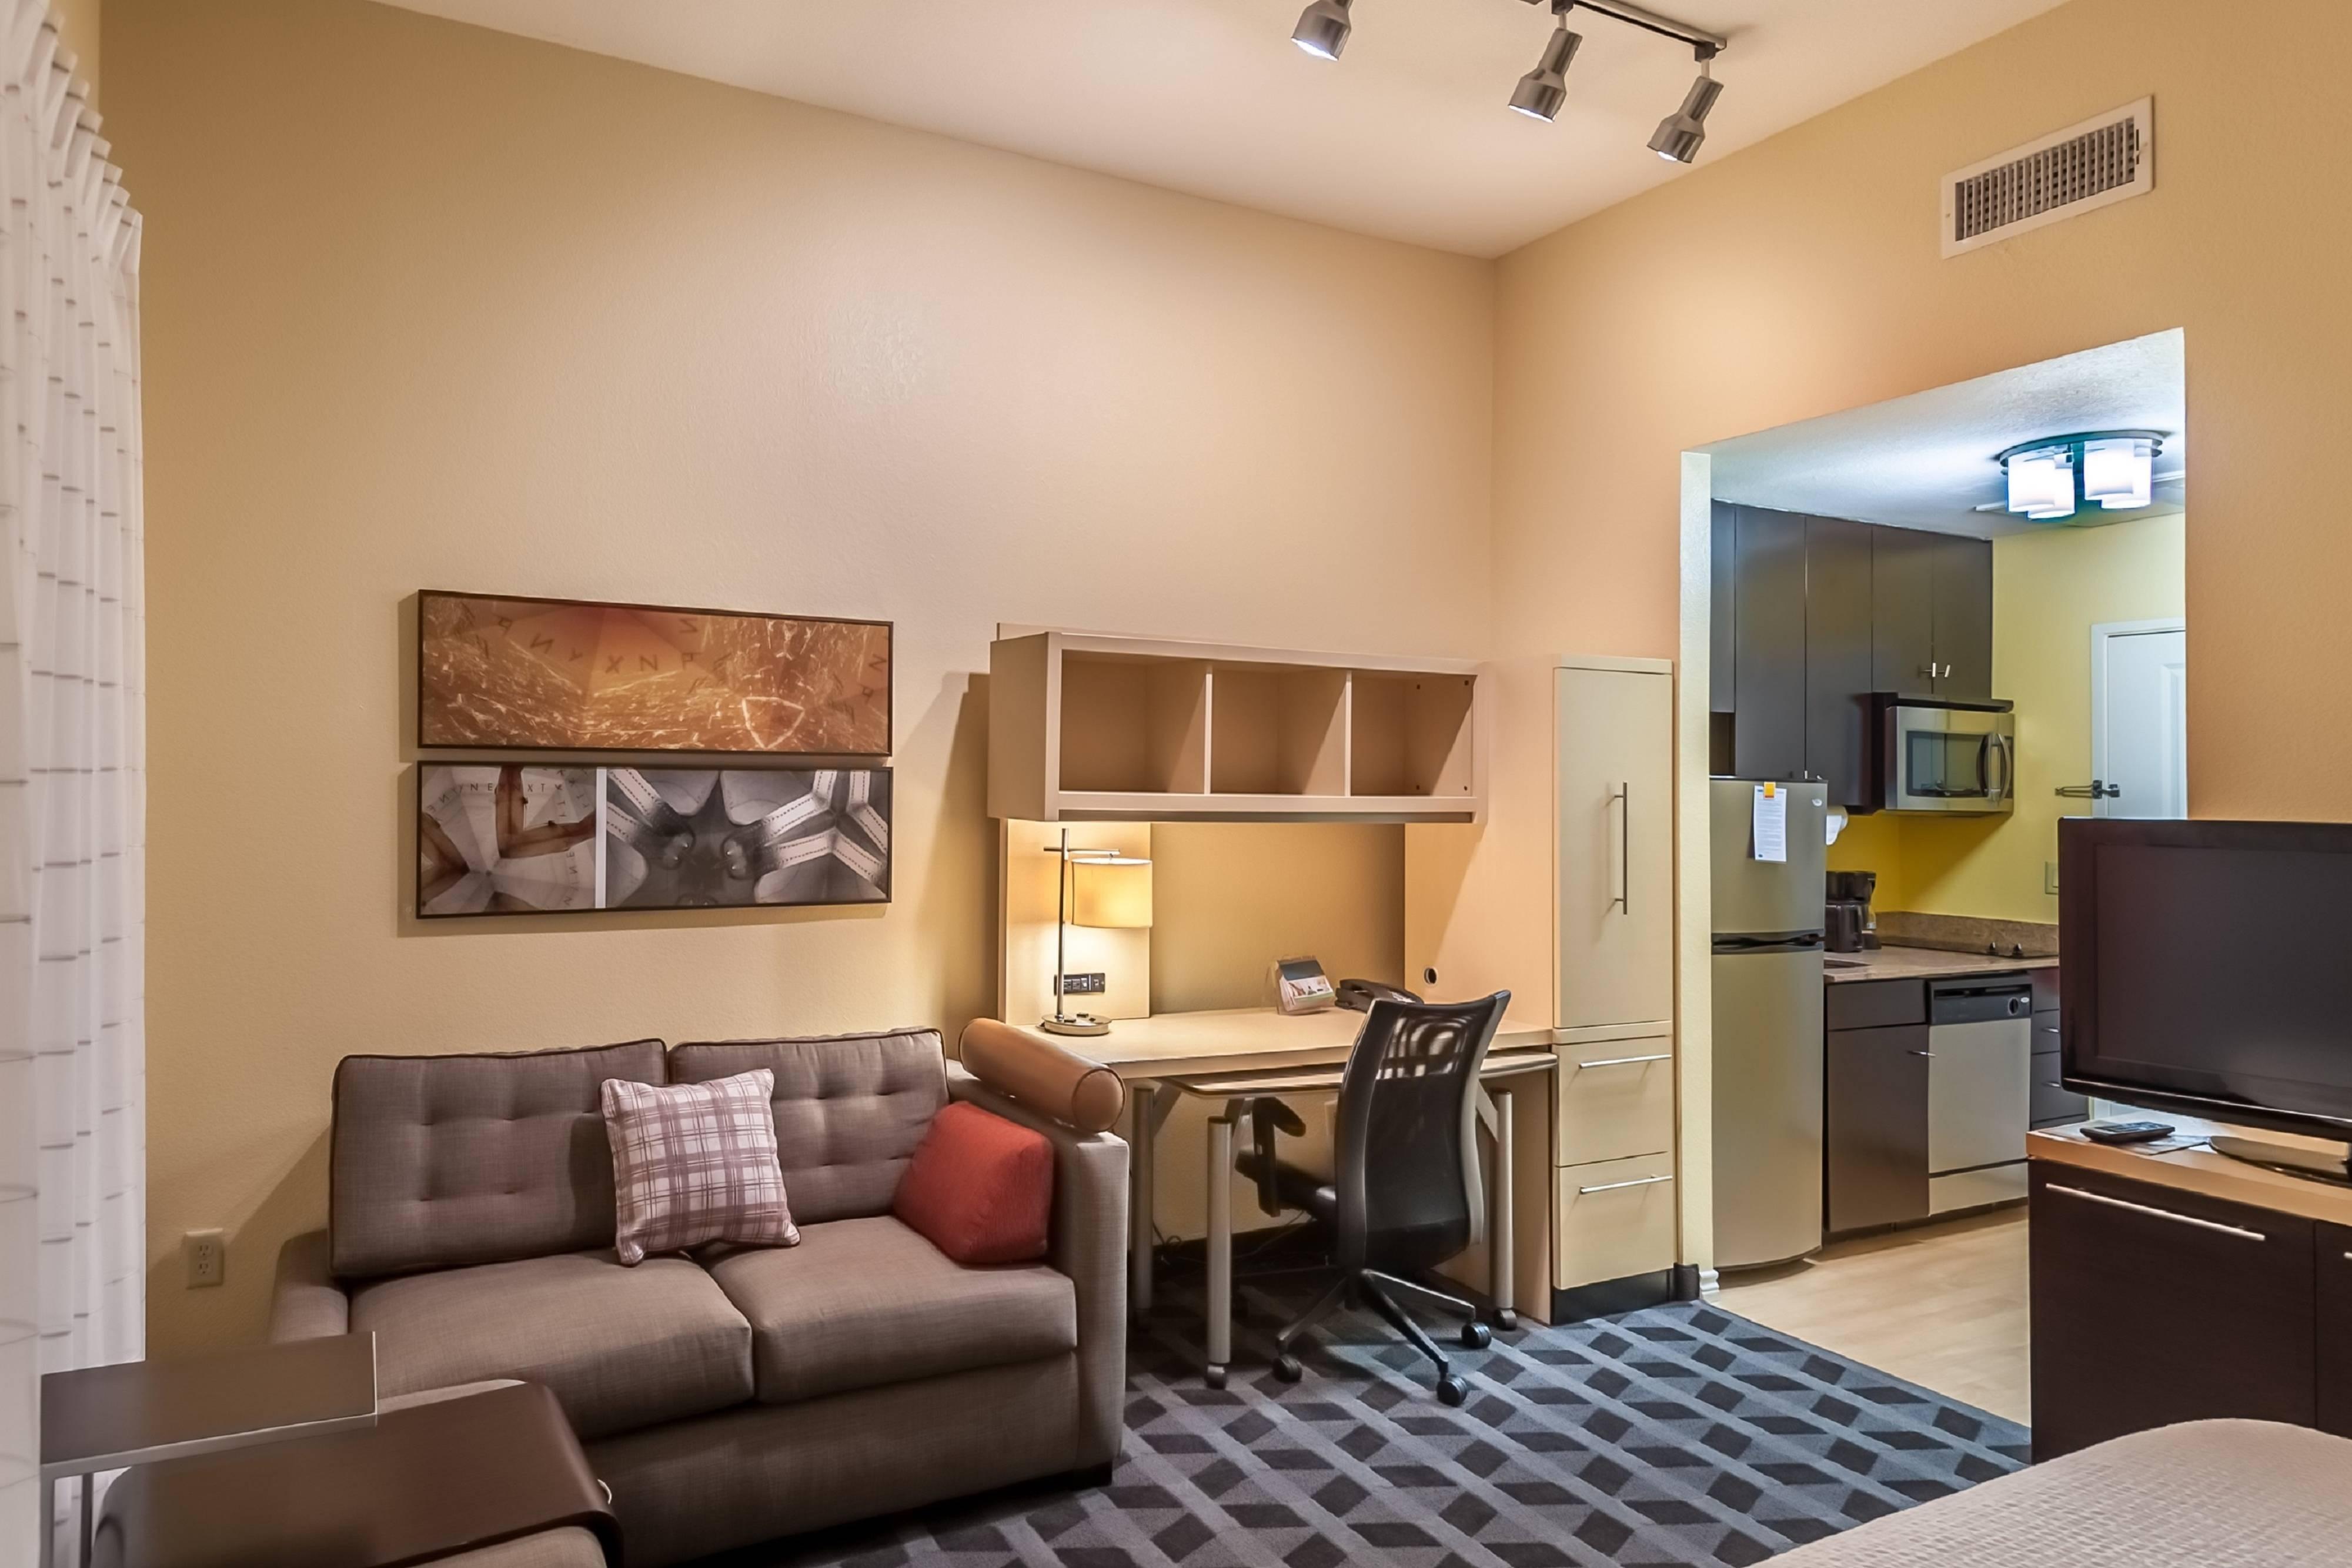 Suites Studio - Cocina y sofá desplegable